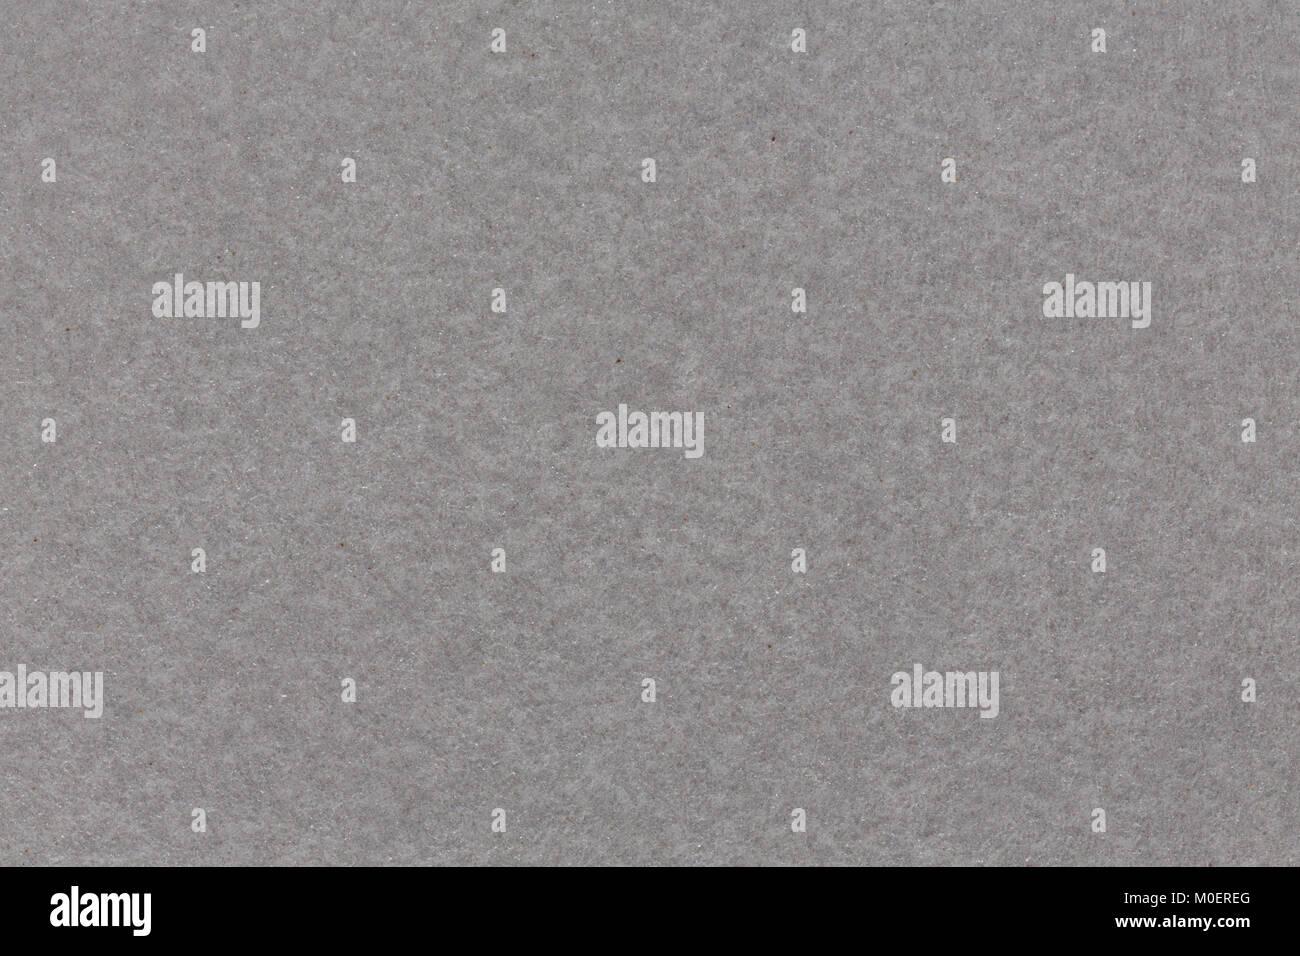 Carta grigia, carta texture e sfondi. Immagini Stock